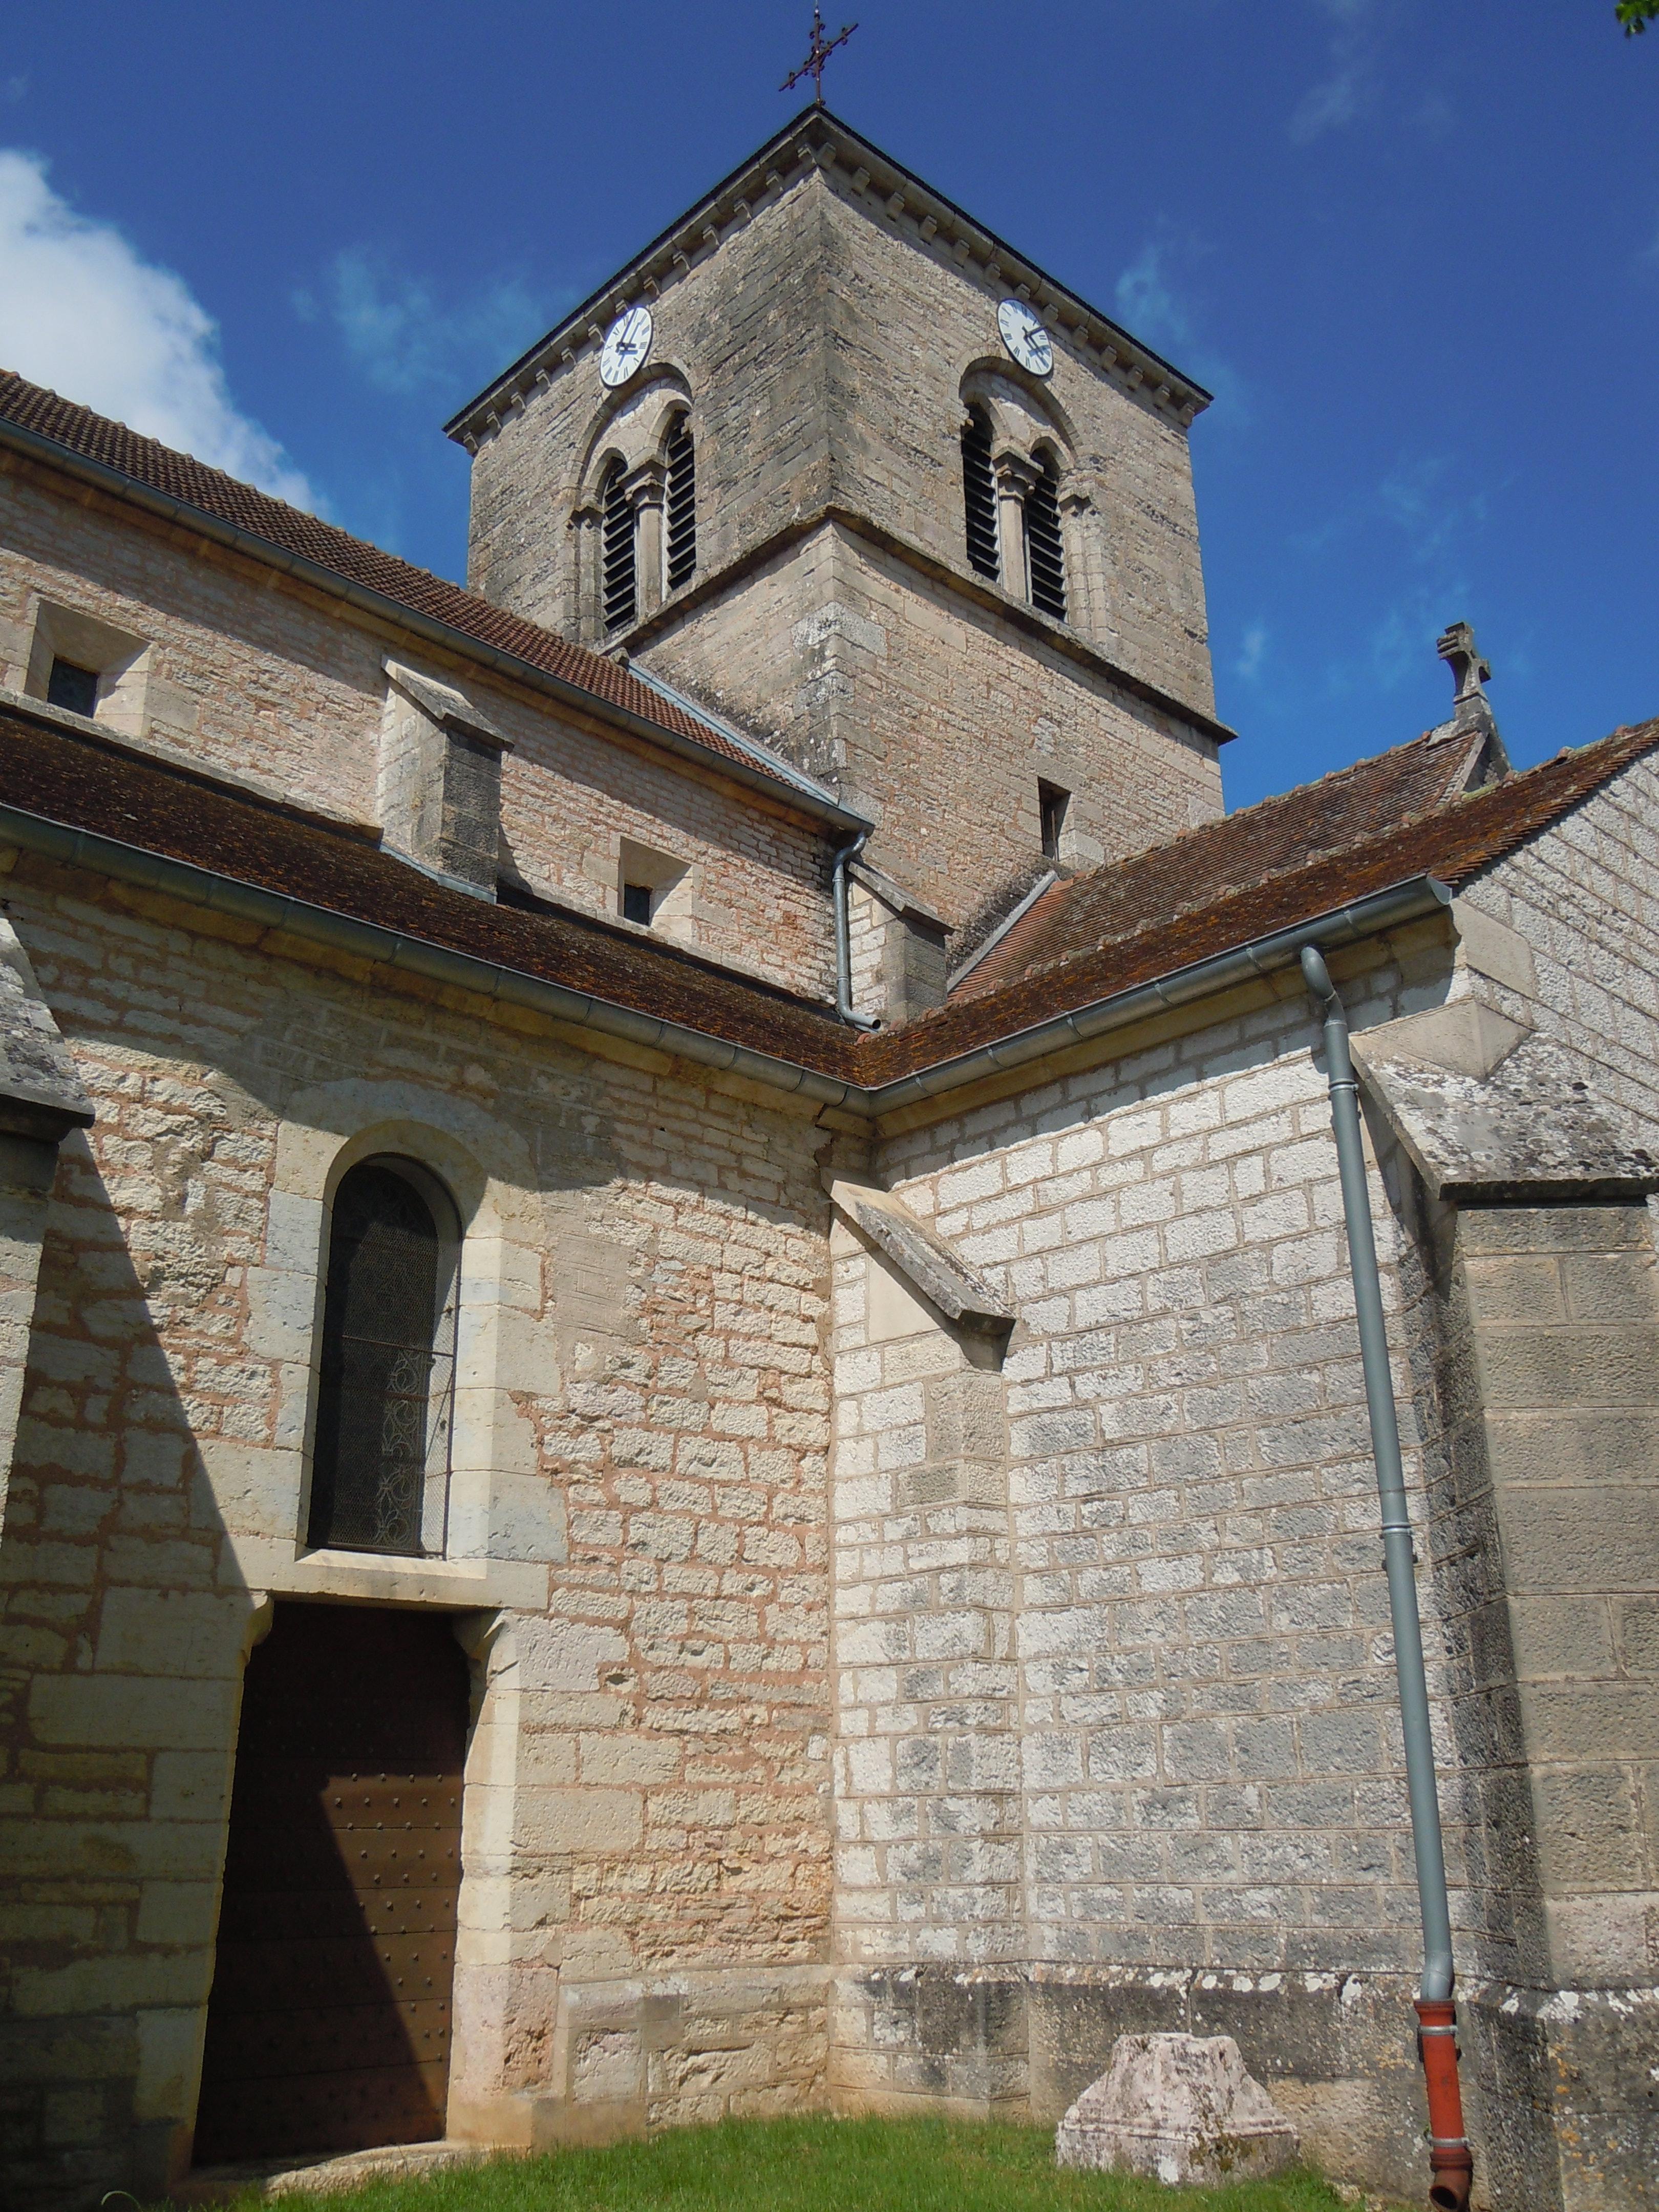 Narbonne Version 3 1: File:Clocher De L'église Saint-Jean-Baptiste De Fleurey